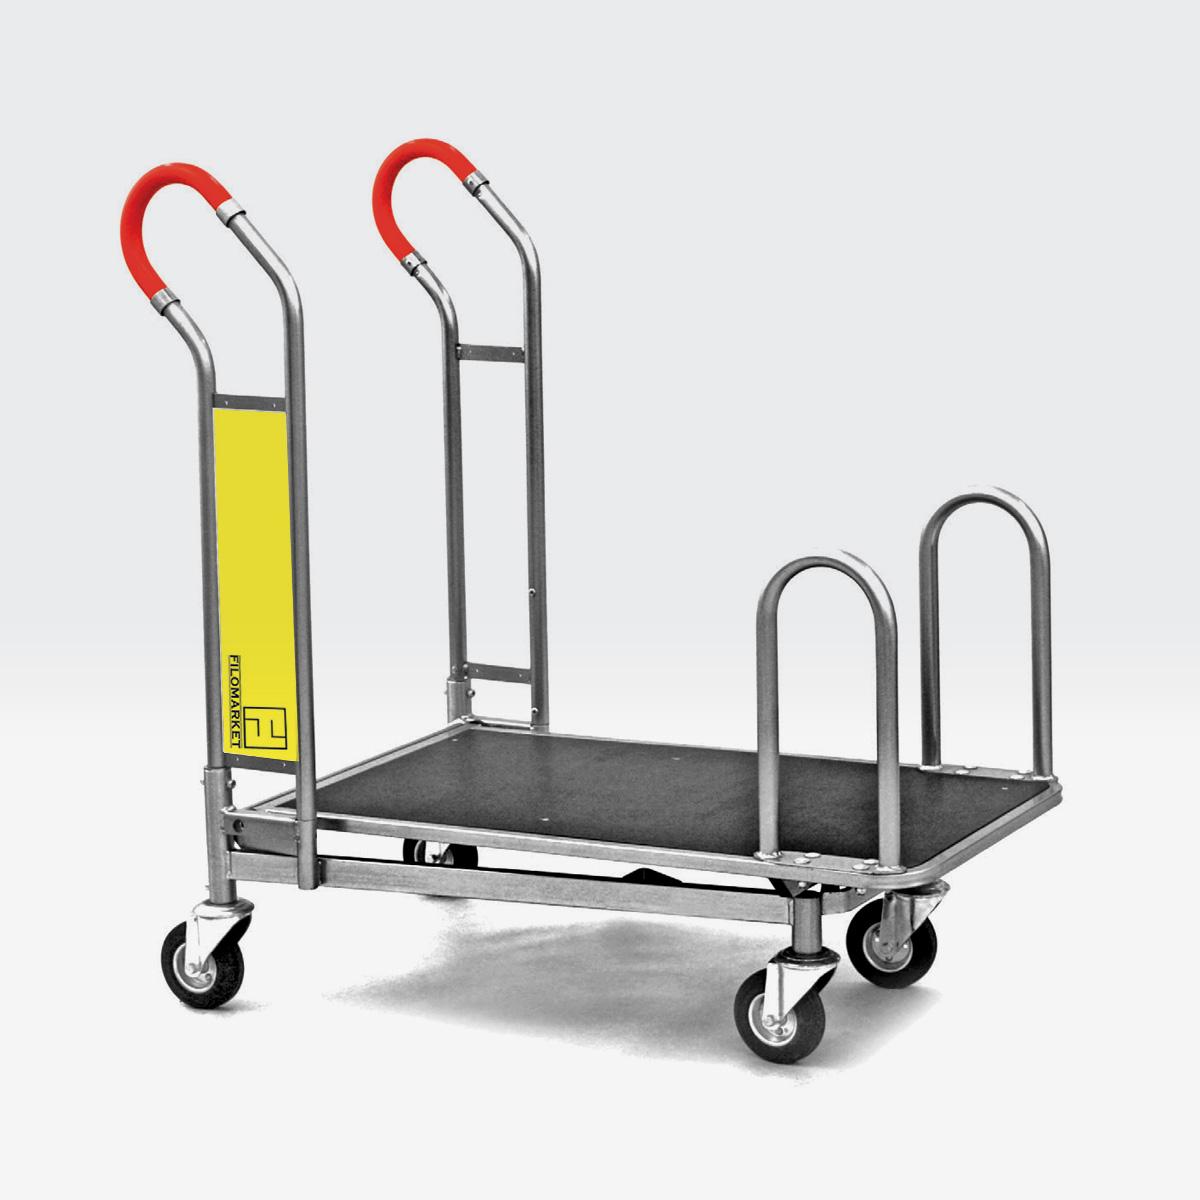 Carrello per magazzino con ruote CARRY 100ZR